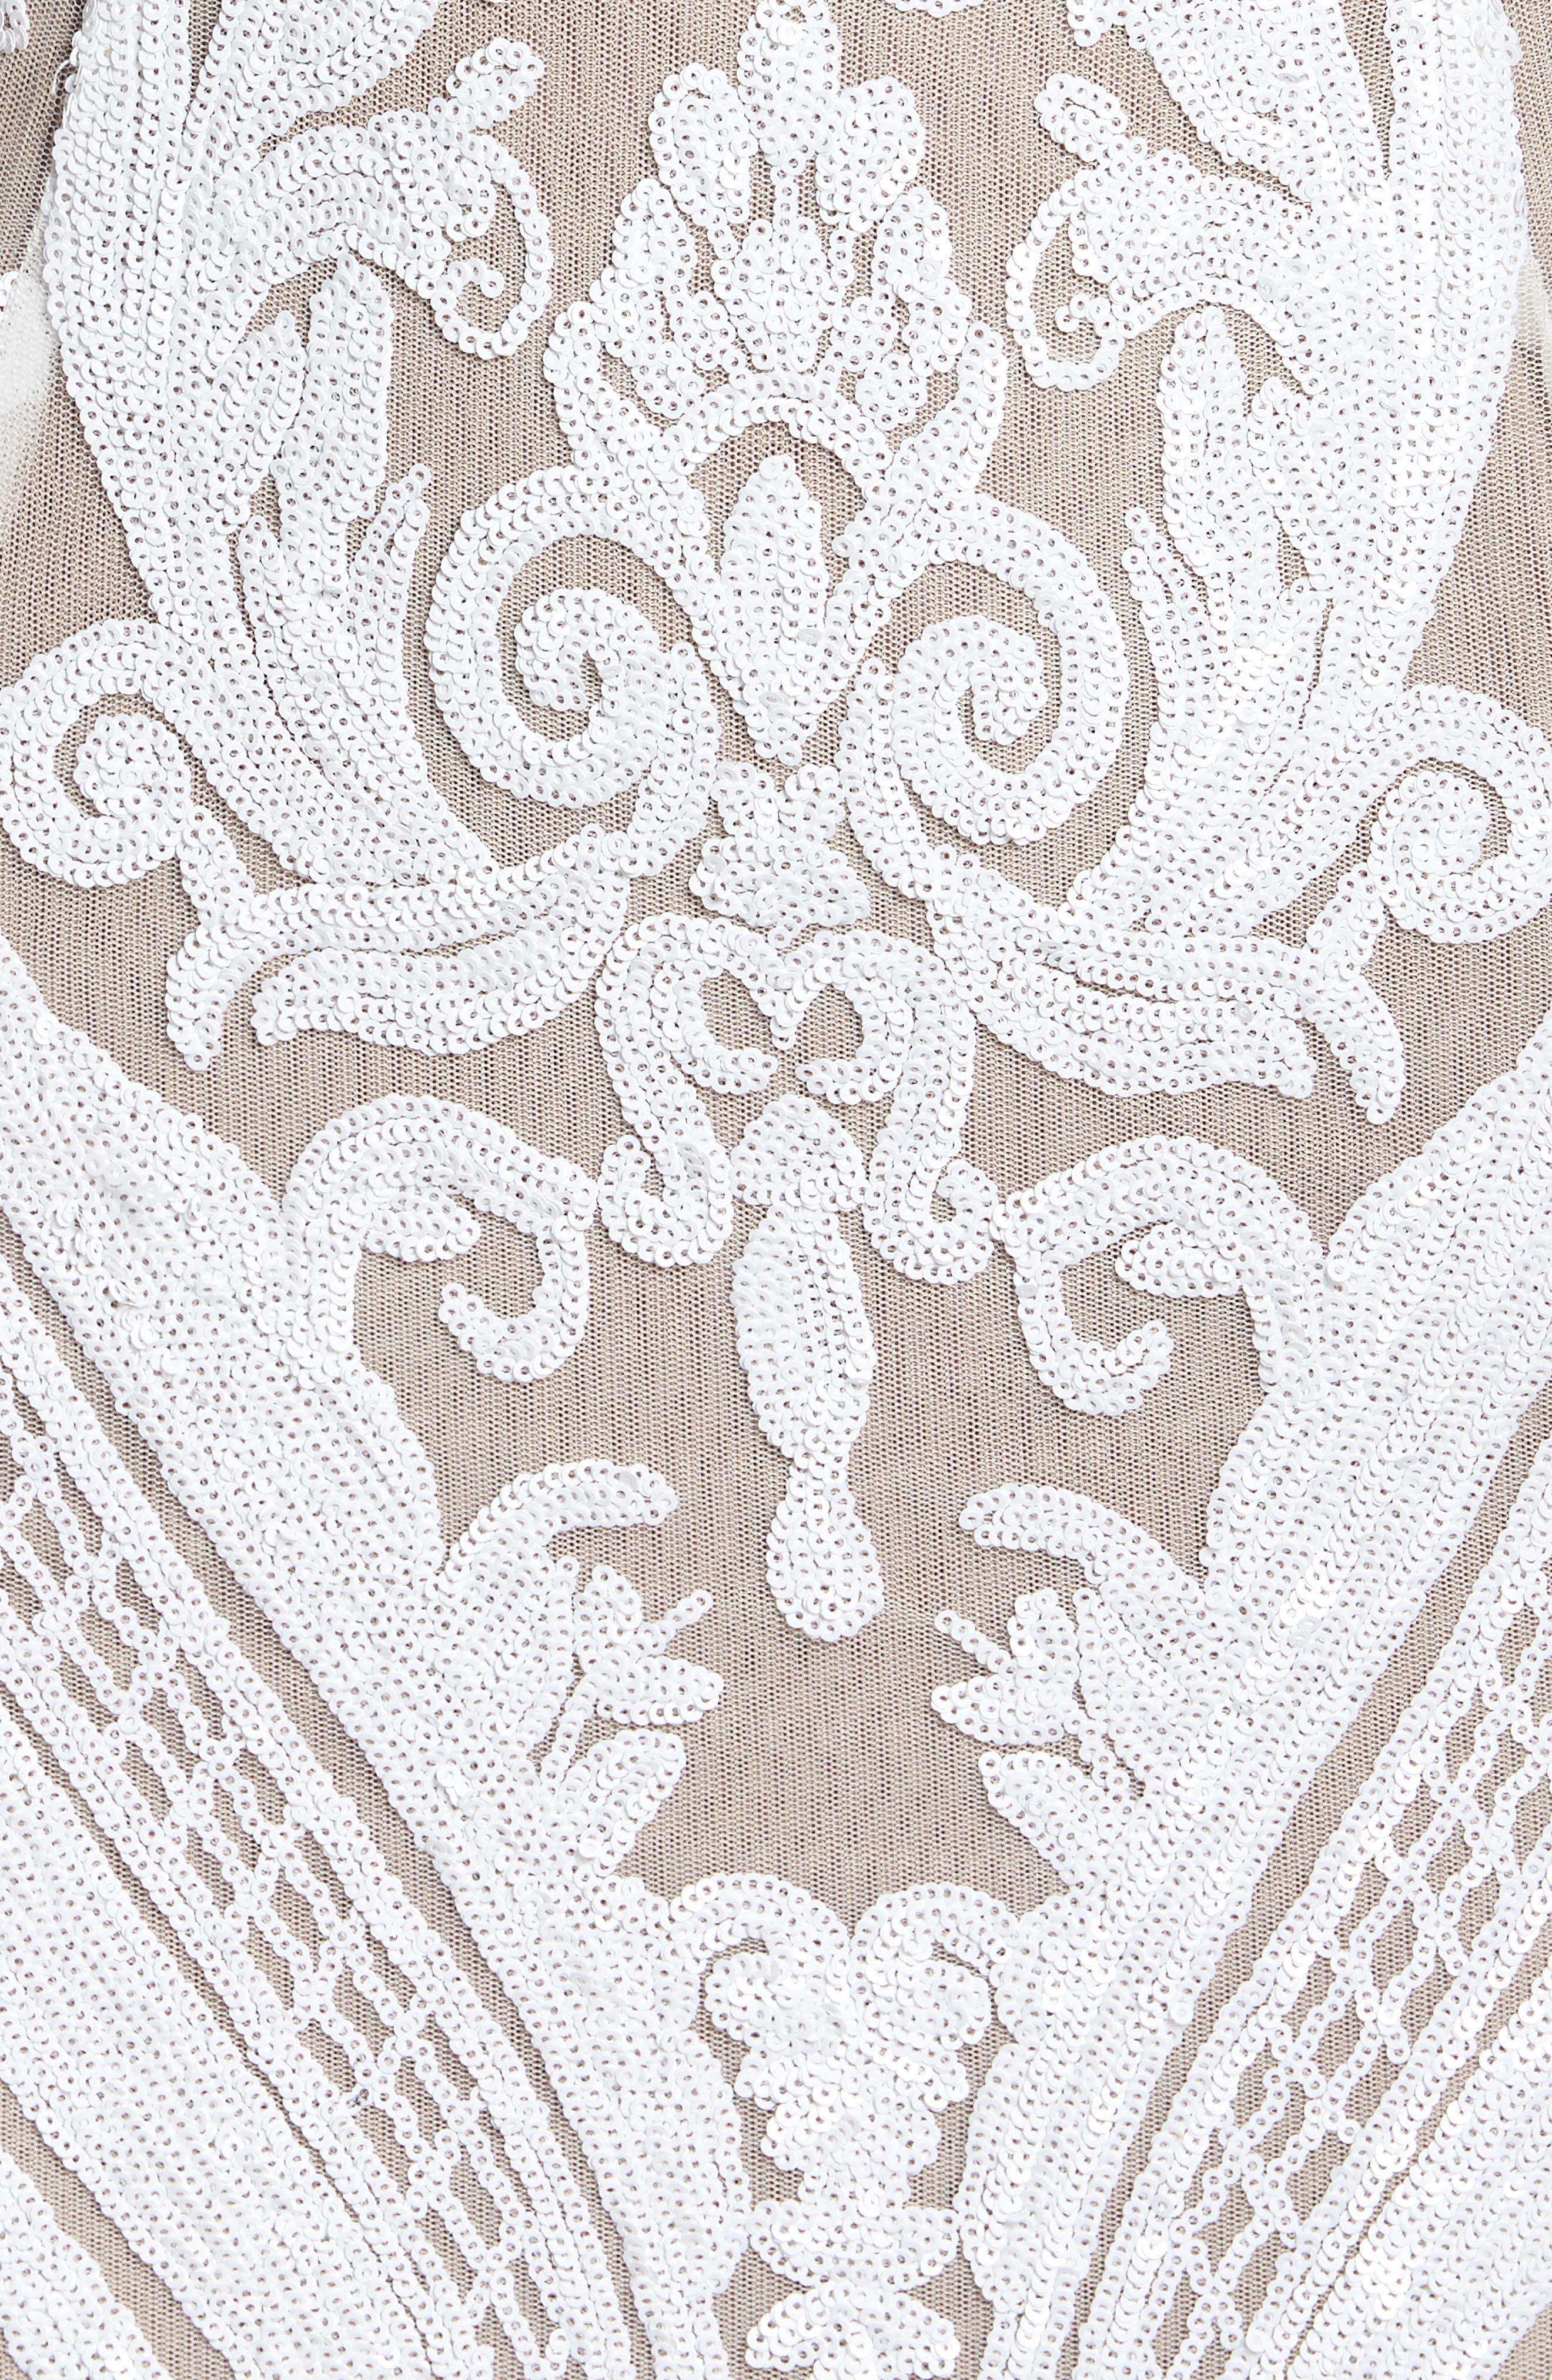 Ester Halter Mermaid Gown,                             Alternate thumbnail 5, color,                             White